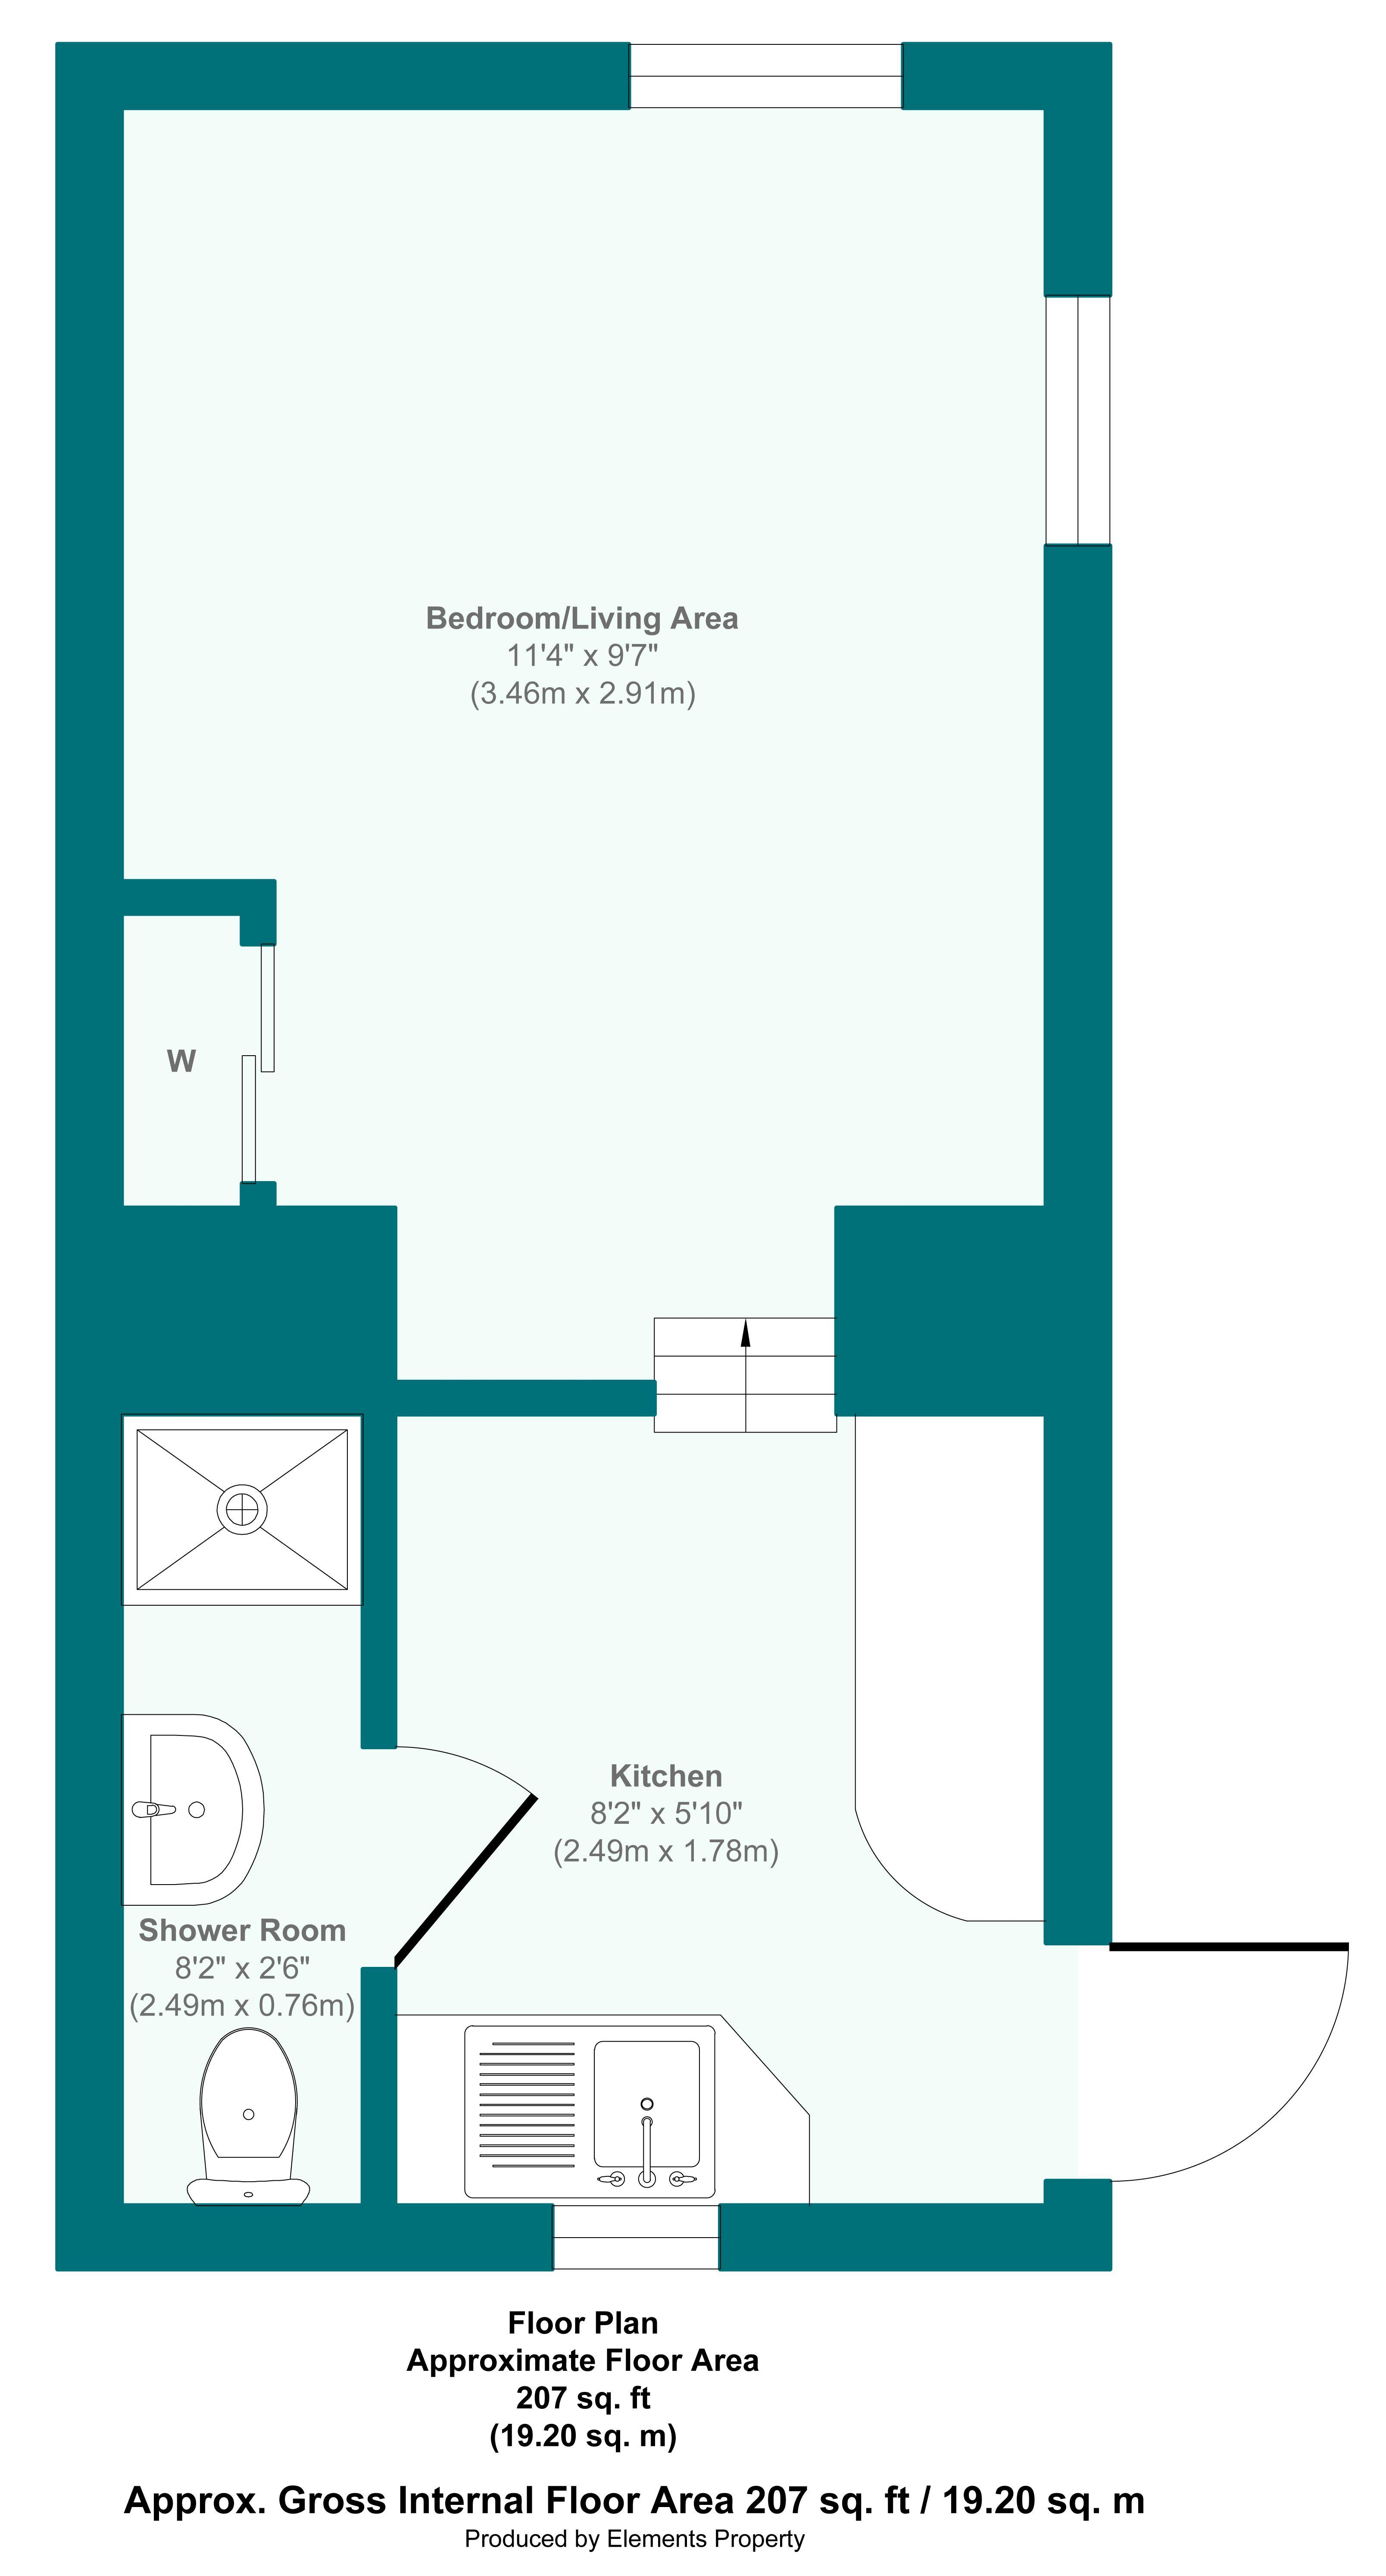 Shaw House Annex